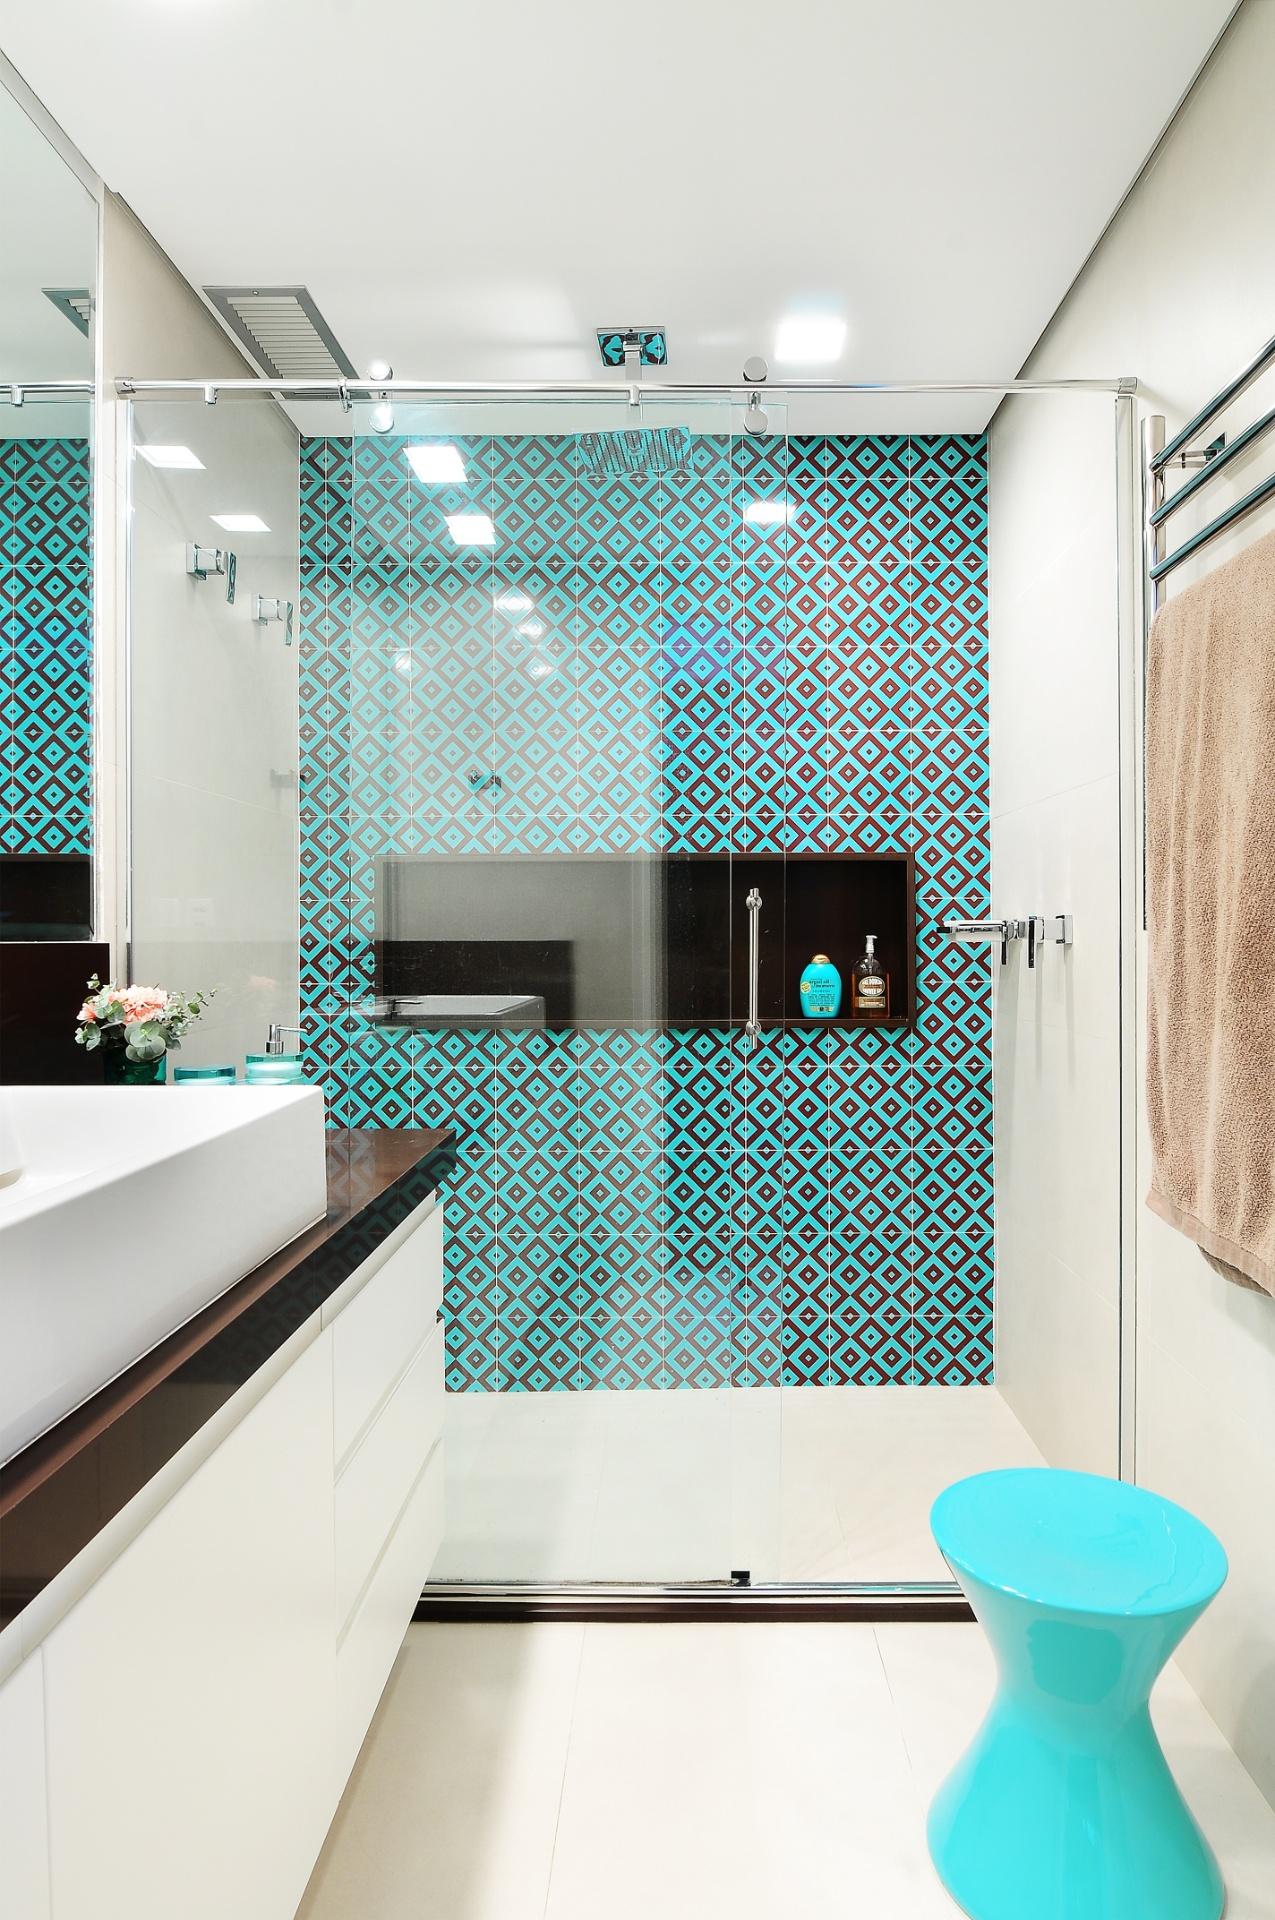 Banheiros: sugestões para decoração tendo muito ou pouco espaço  #2BA0A0 1275x1920 Azulejo Banheiro Parede